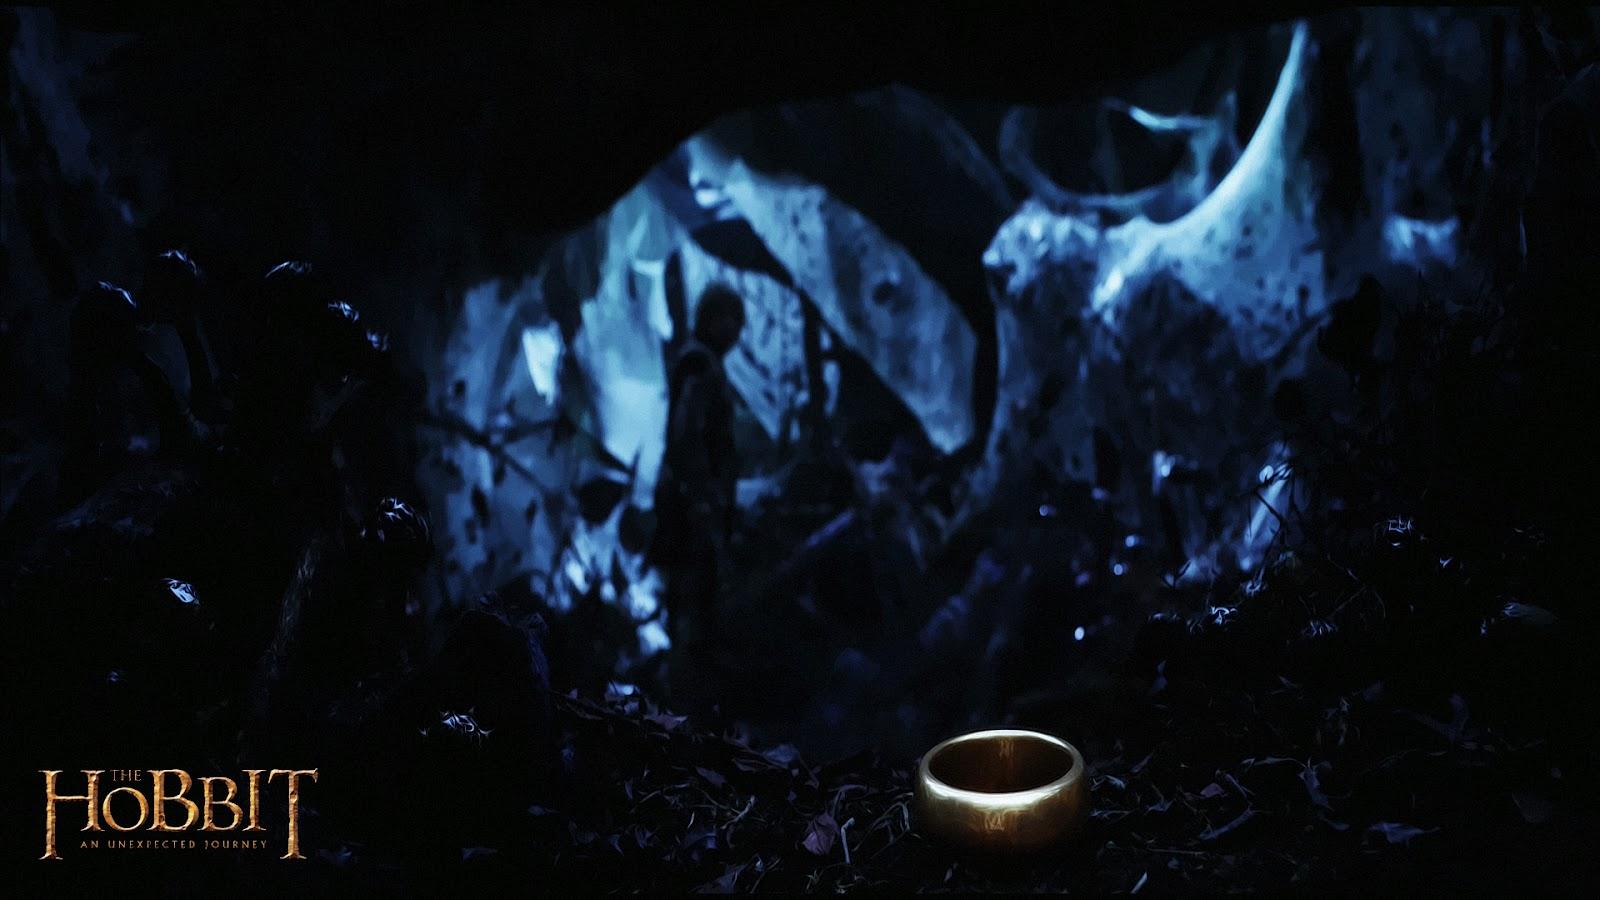 http://3.bp.blogspot.com/-KbbbQOfBQmw/UBMvUjvwF4I/AAAAAAAADbI/m3WJYGecBhQ/s1600/The-Hobbit-An-Unexpected-Journey-Wallpapers-1920x1080-25.jpg